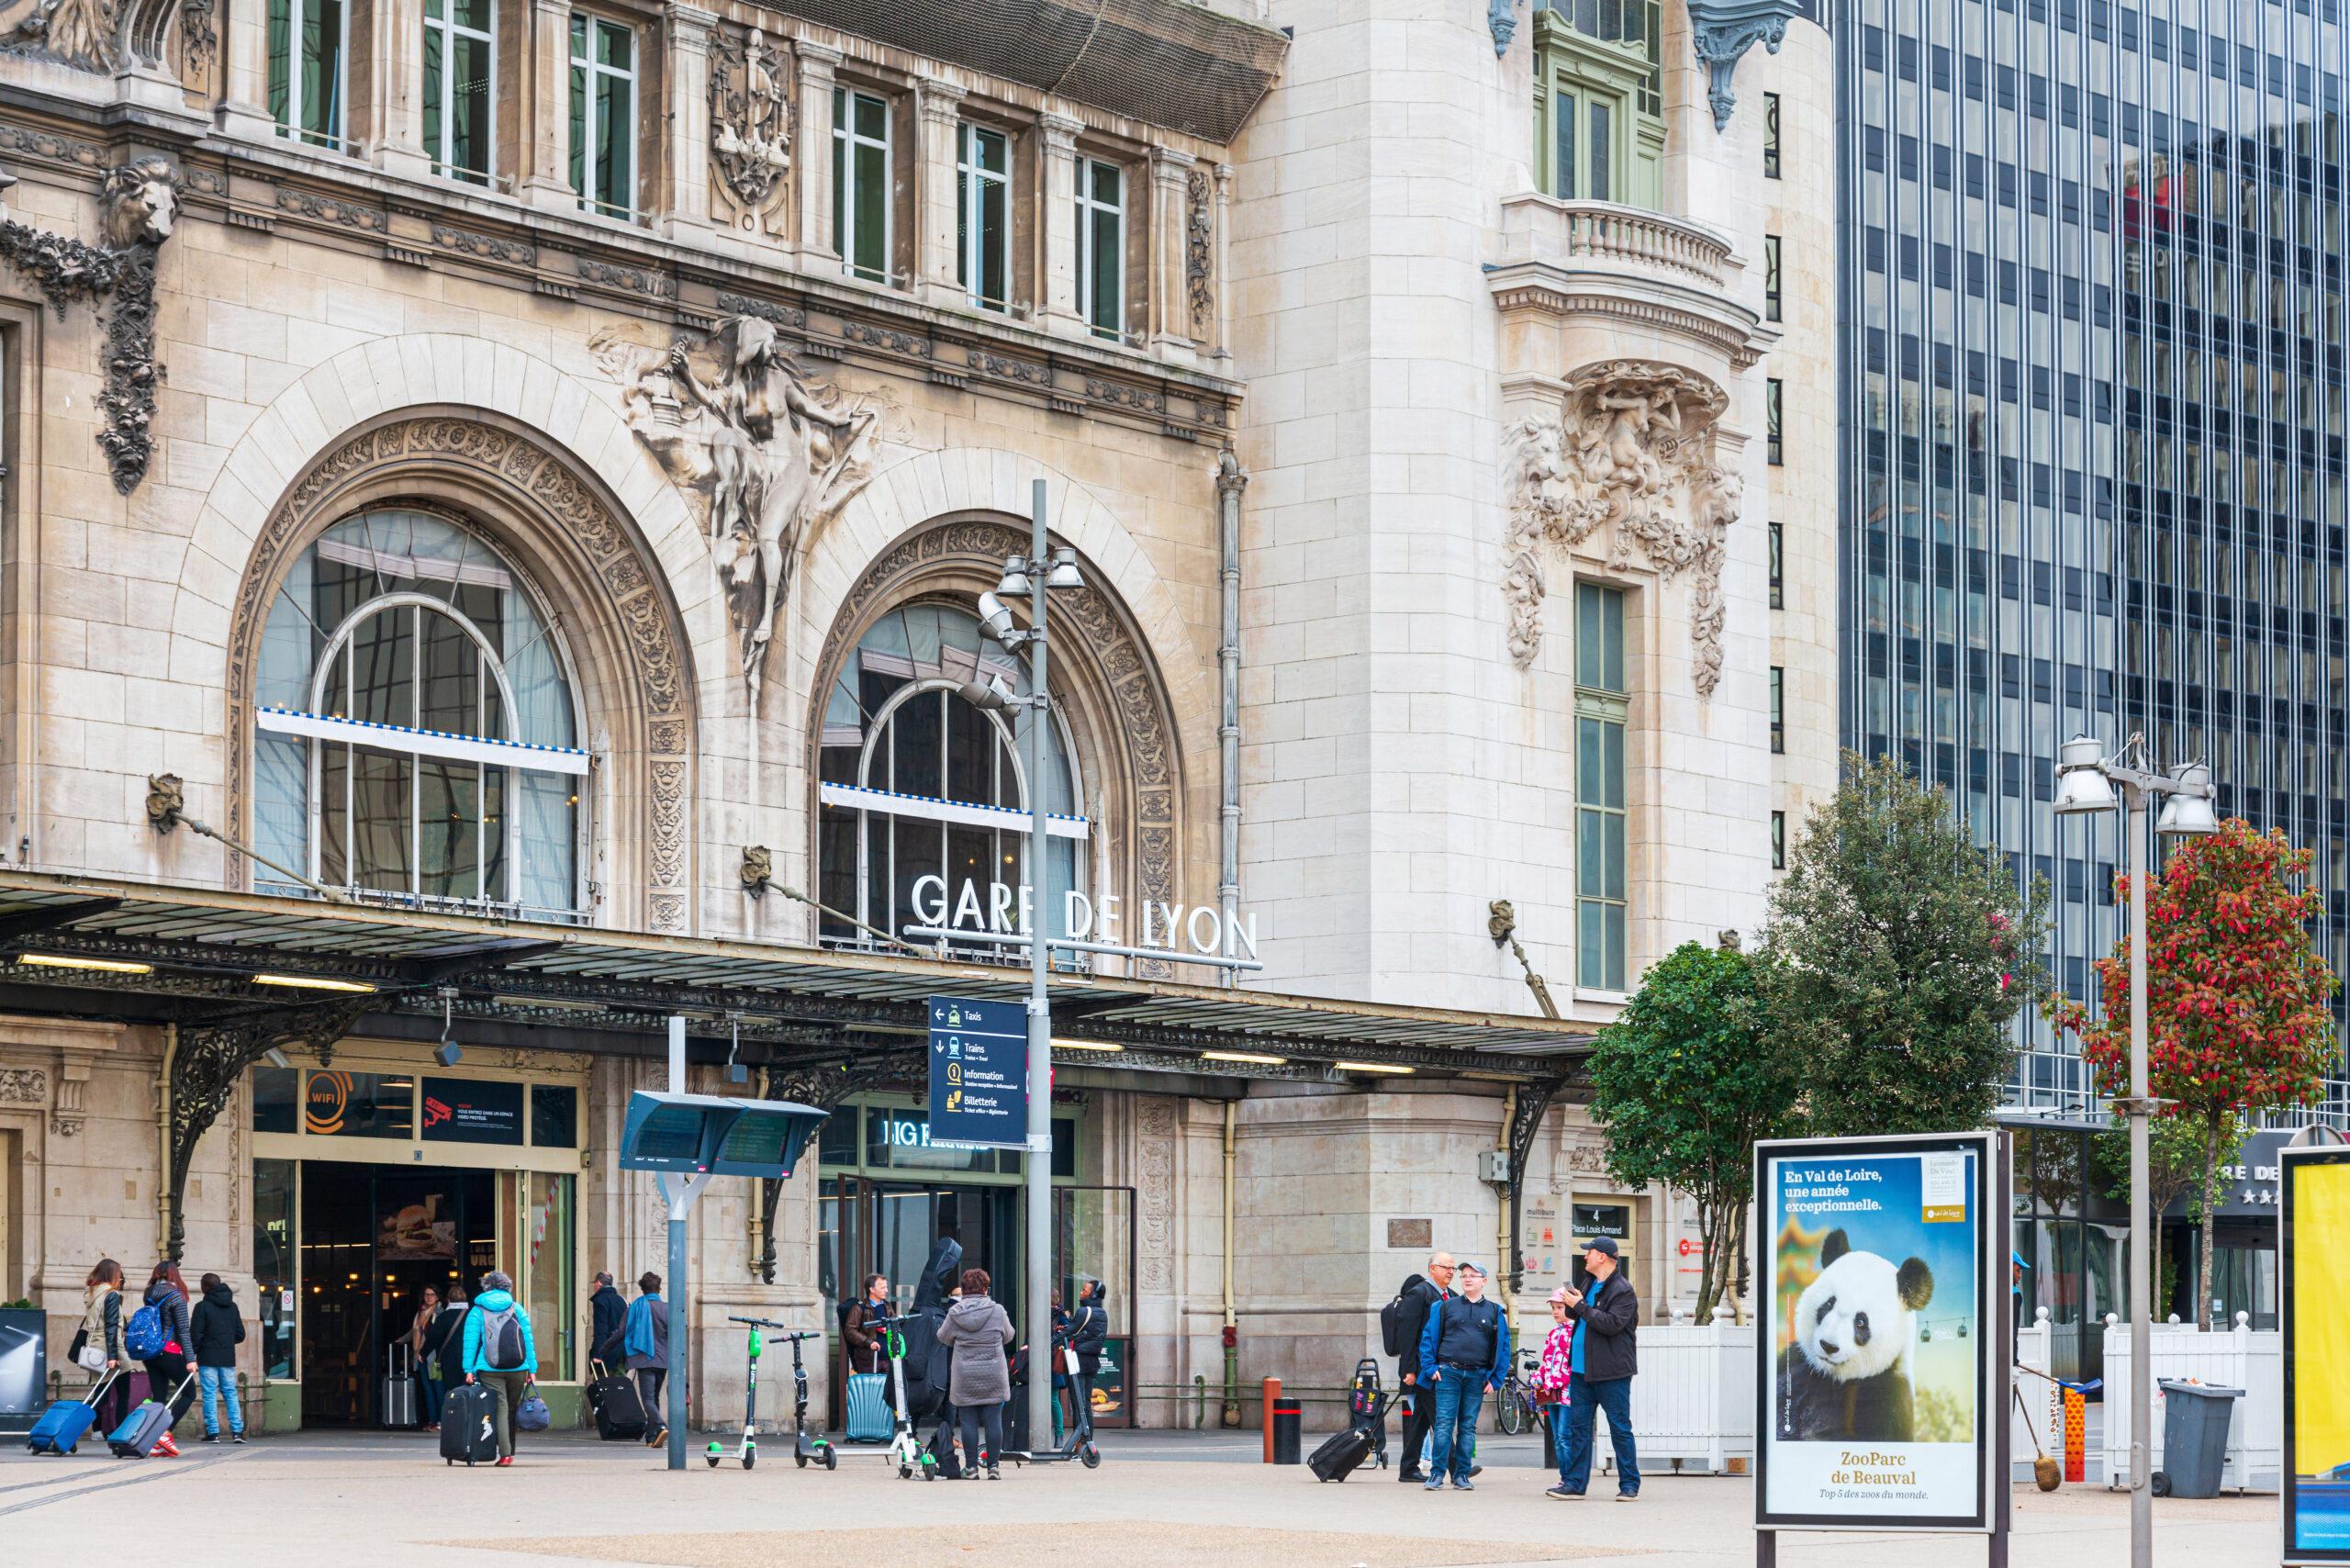 gare de lyon Paris togstasjon tog Frankrike